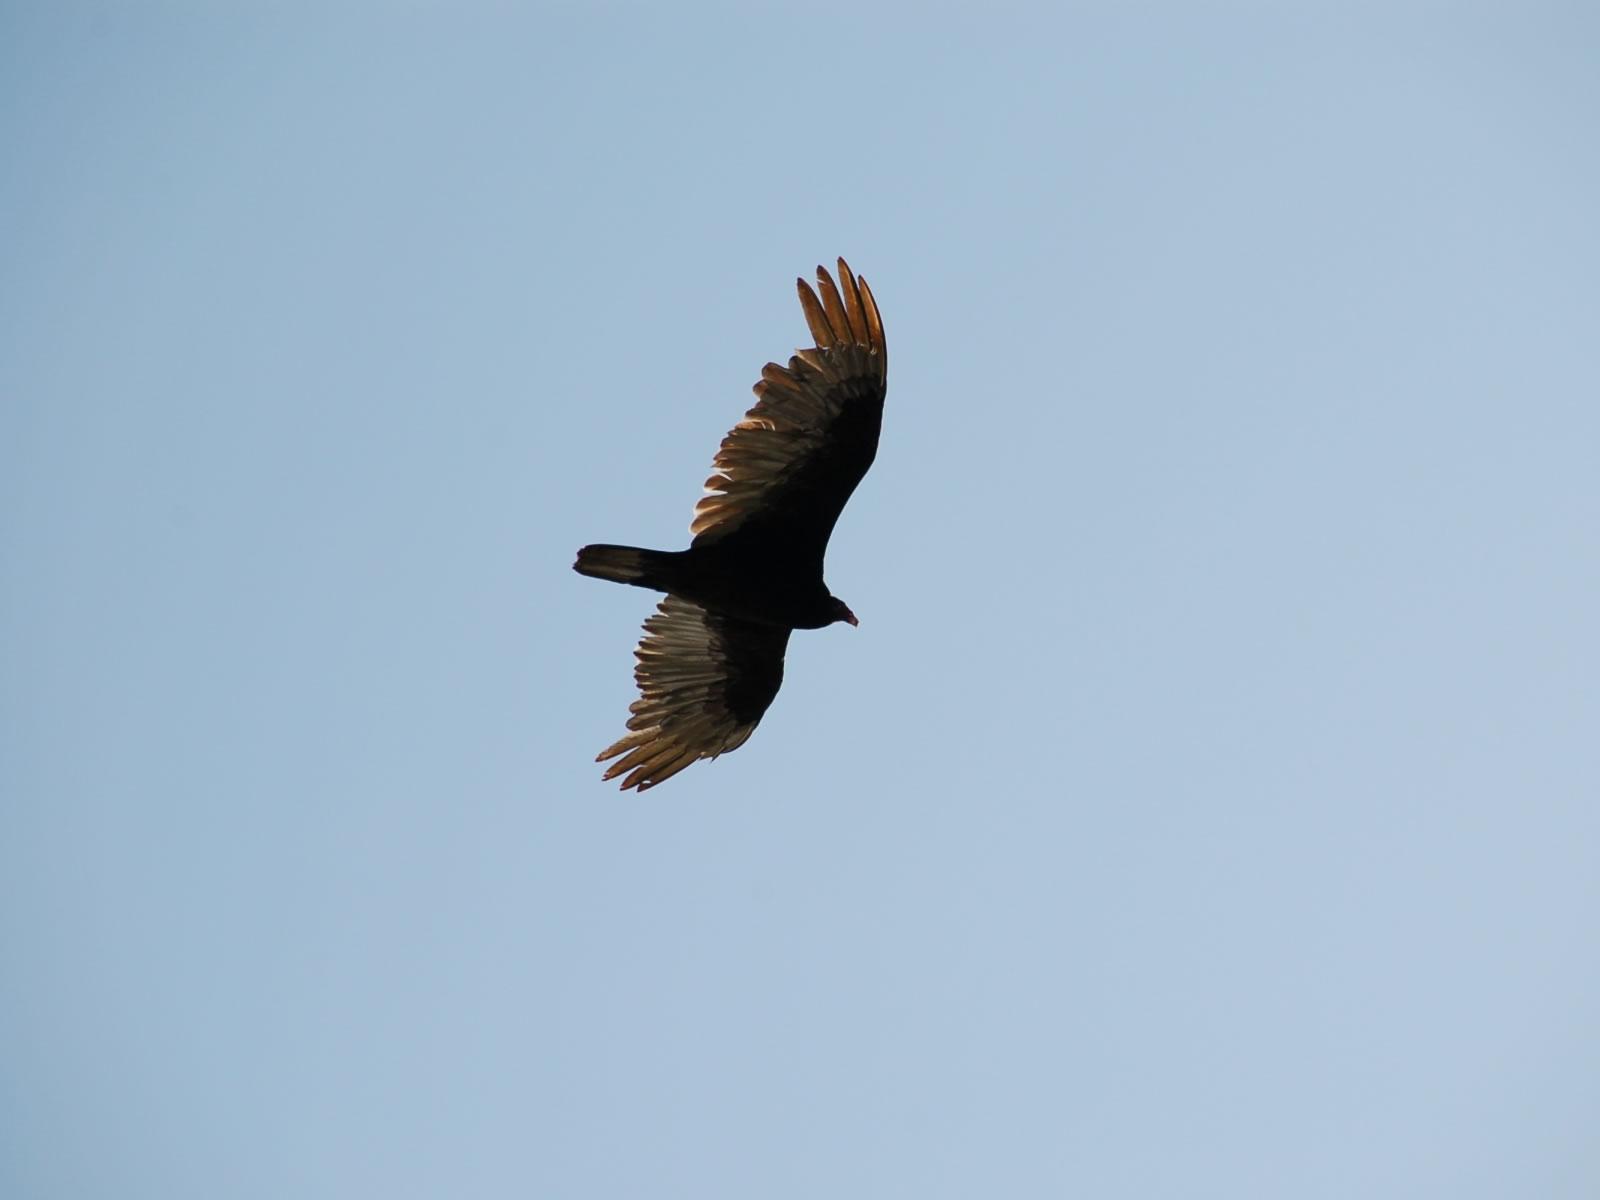 Eagle in the sky birds wallpaper previous birds wallpaper eagle in the sky voltagebd Image collections